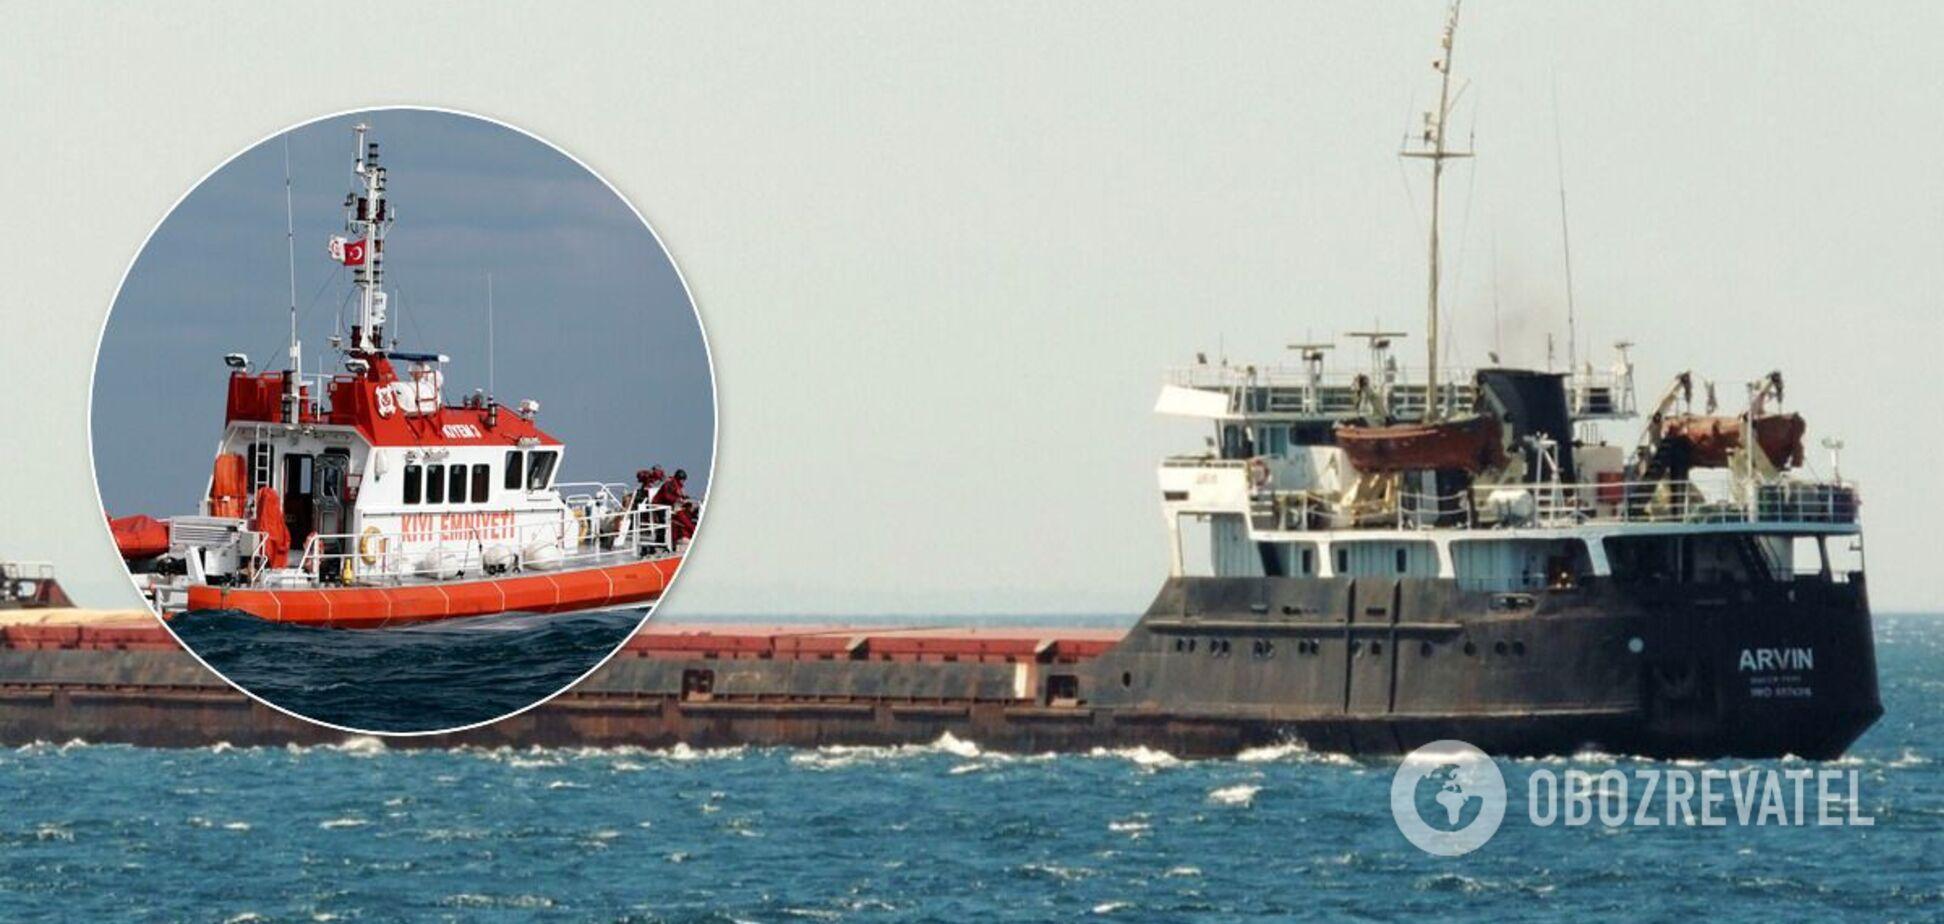 Суховантаж затонув біля берегів Туреччини